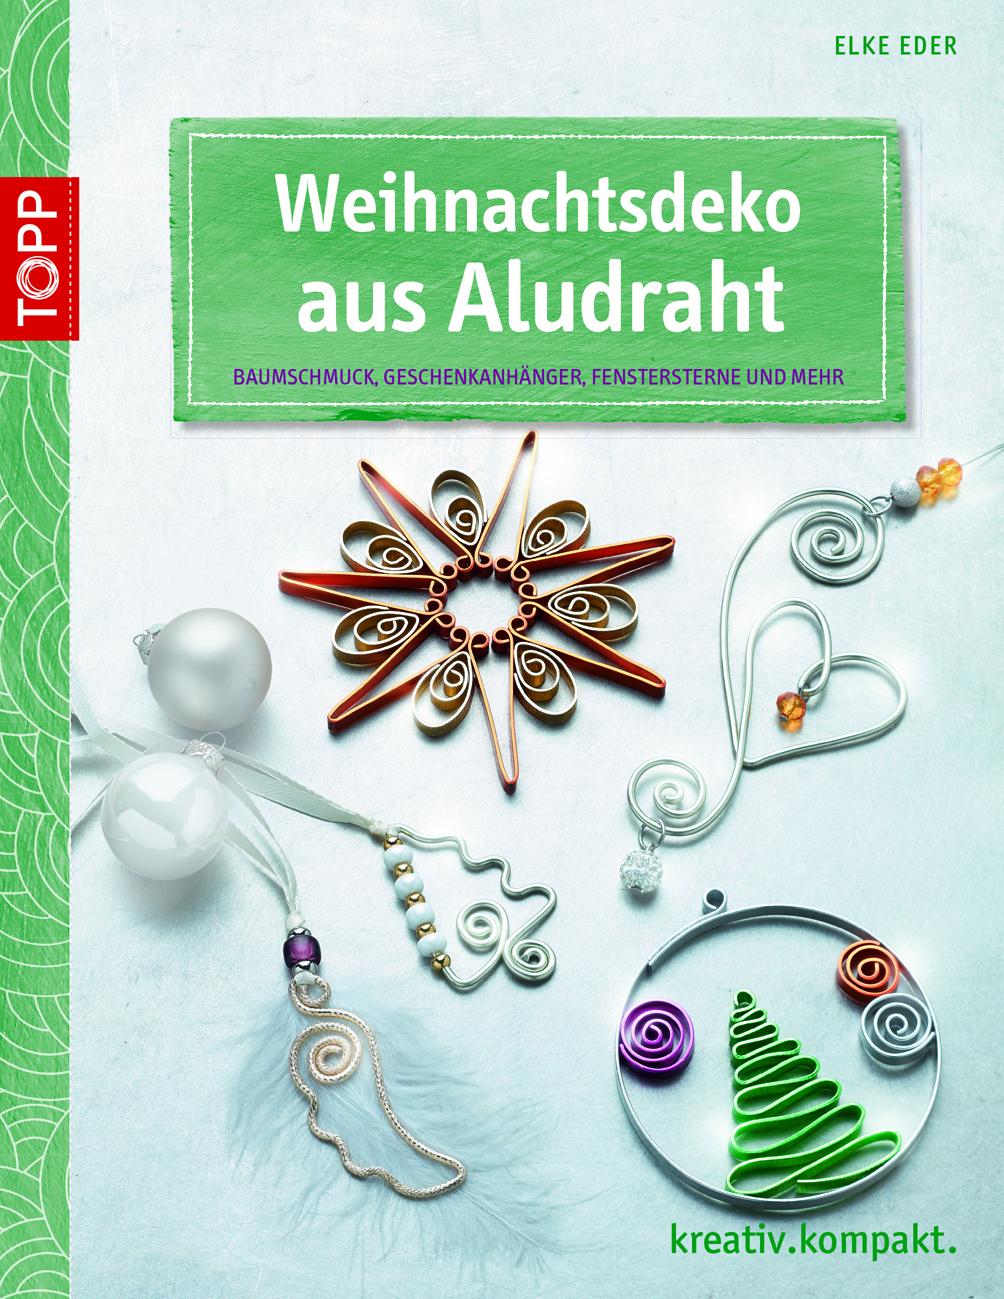 Weihnachtsdeko Aus Aludraht Winter Weihnachten Topp Kreativ De